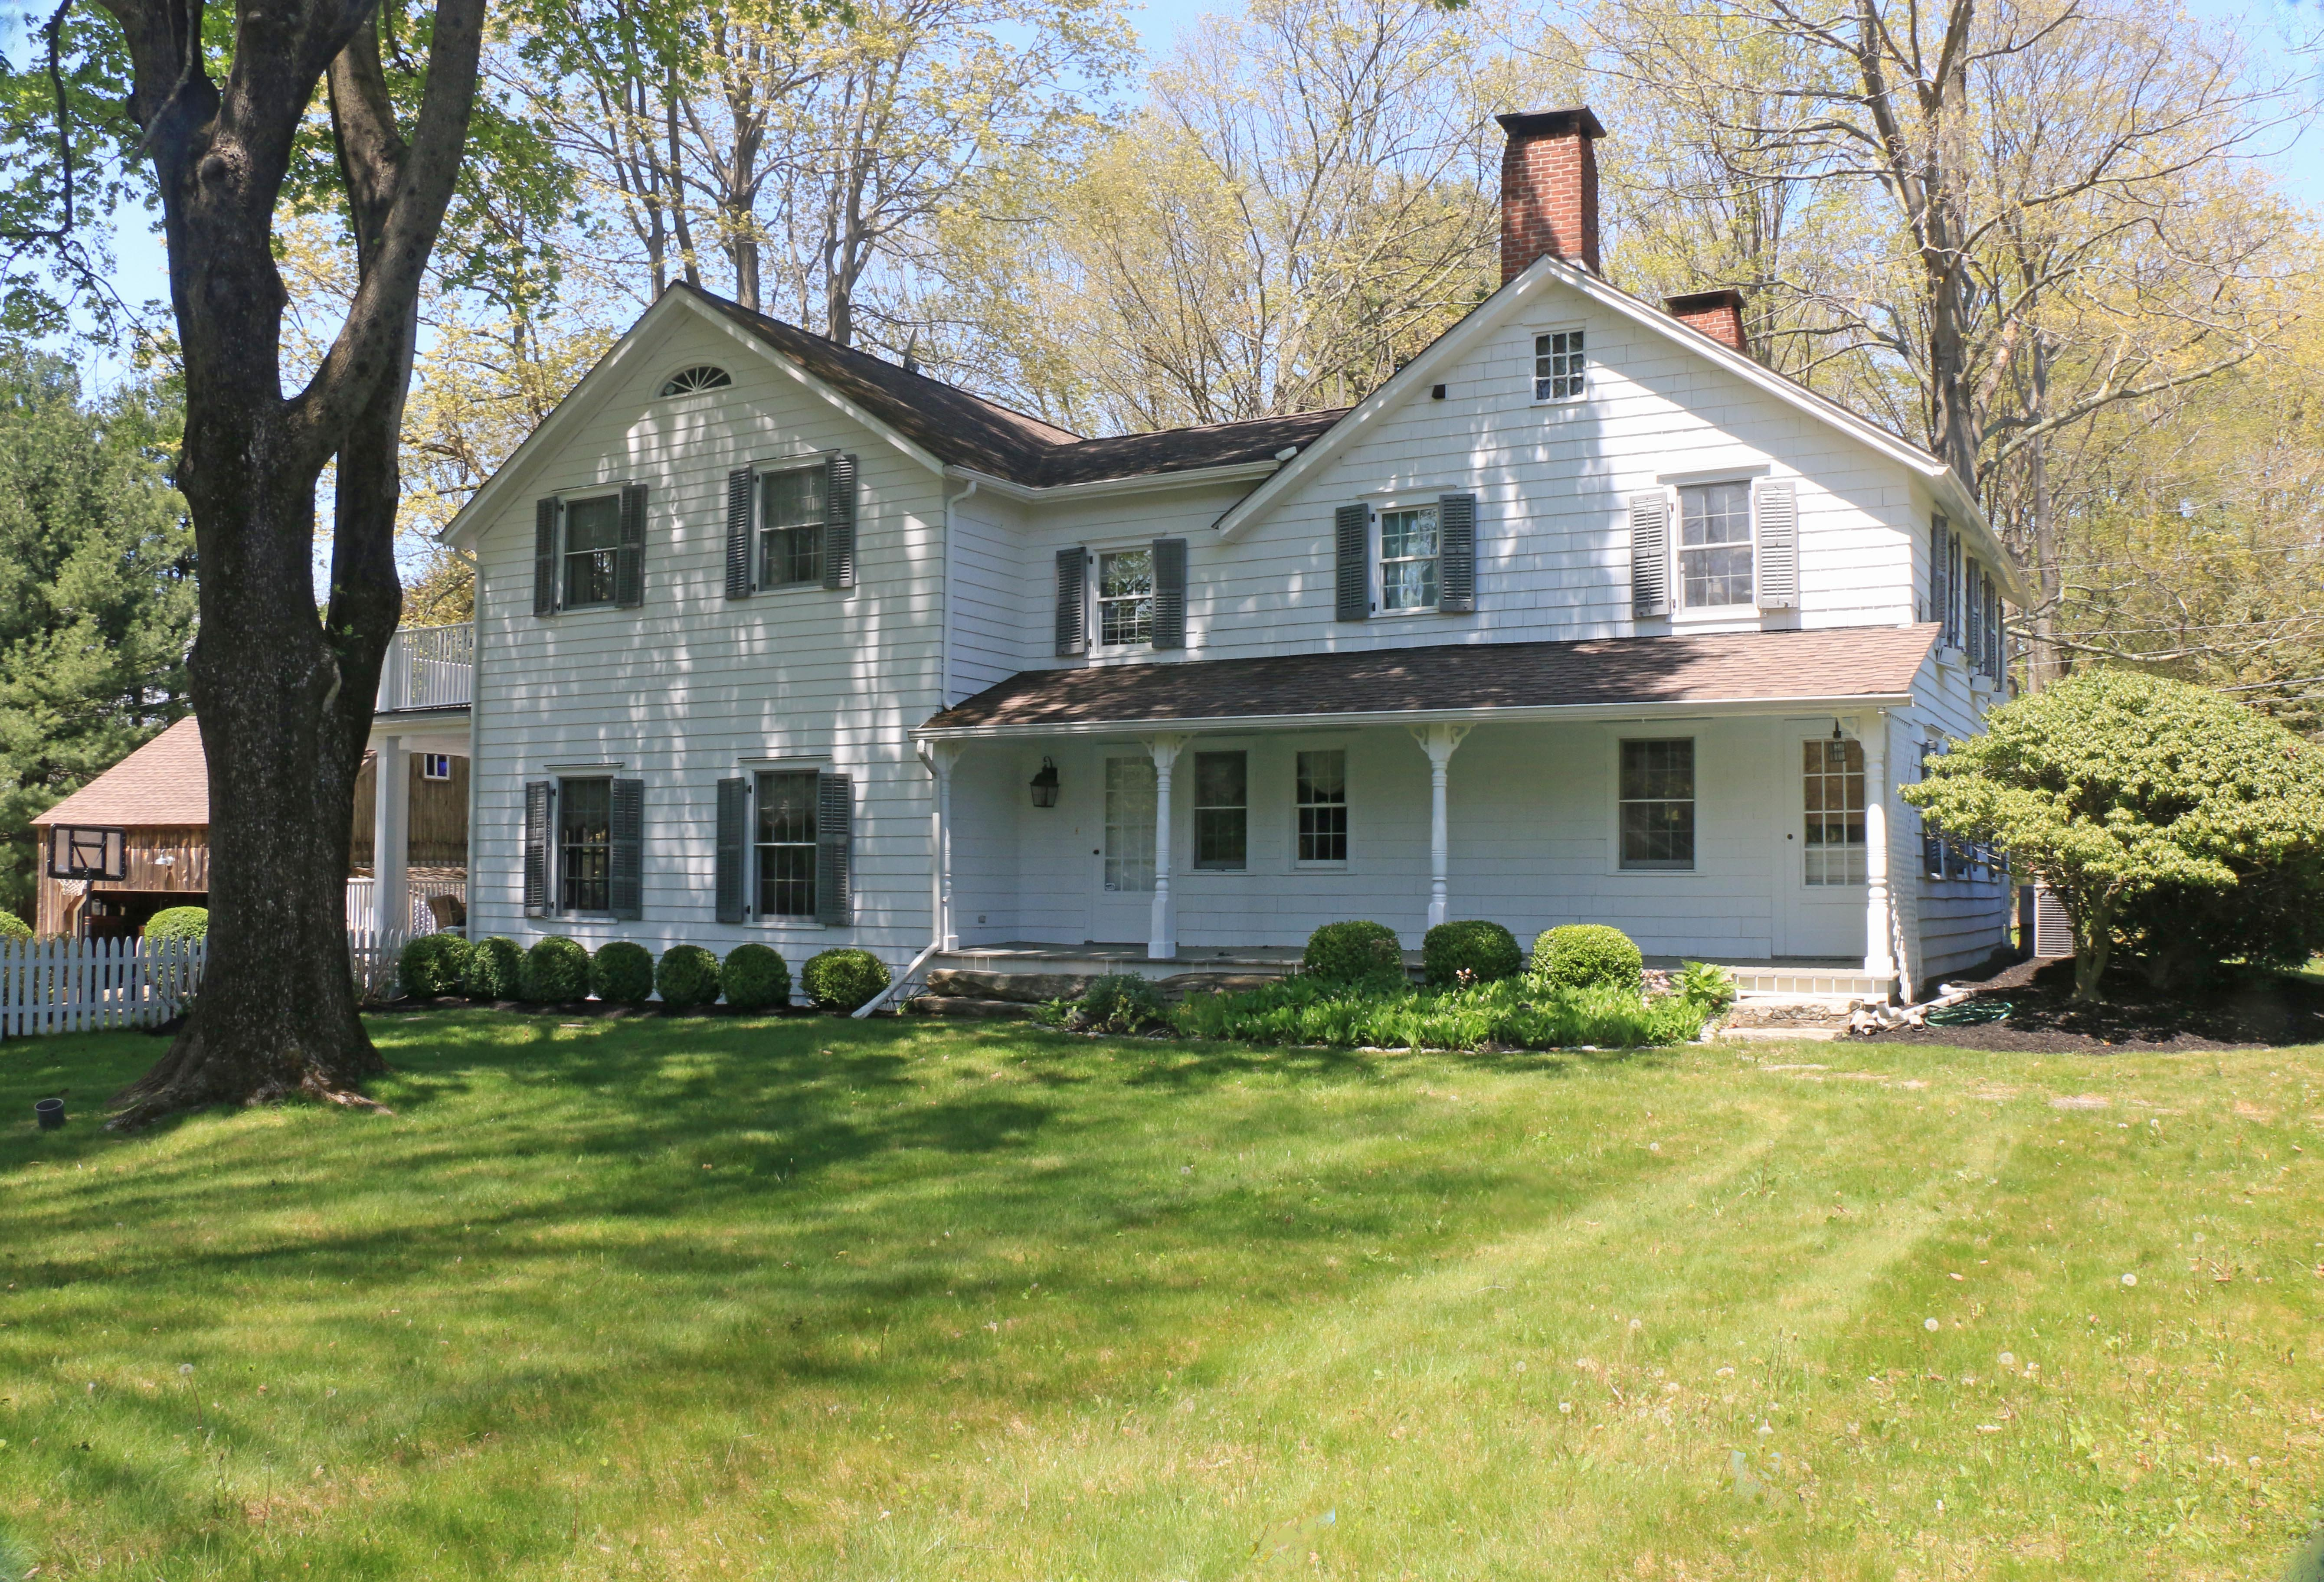 Vivienda unifamiliar por un Venta en Inviting, Timeless Appeal 789 Ridgefield Road Wilton, Connecticut, 06897 Estados Unidos